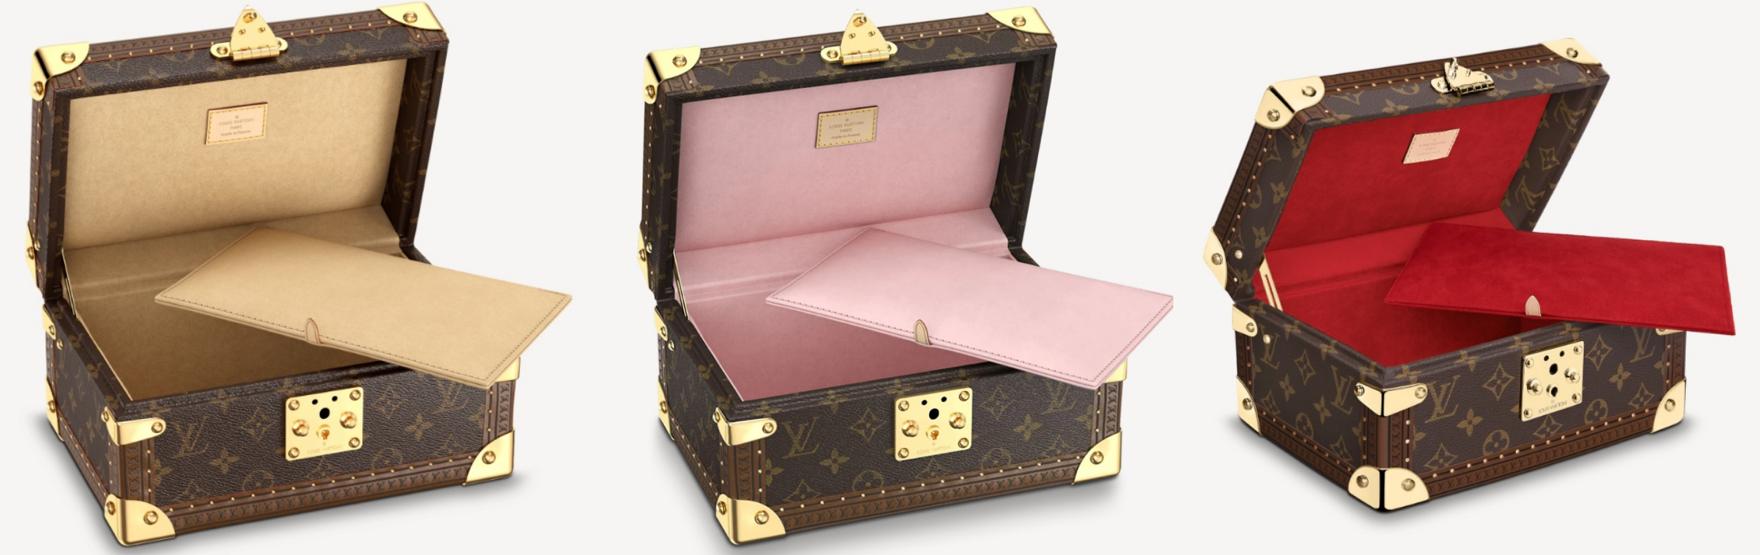 Dòng Coffret Tresor có thể dùng đựng đồ trang sức hay thư từ.